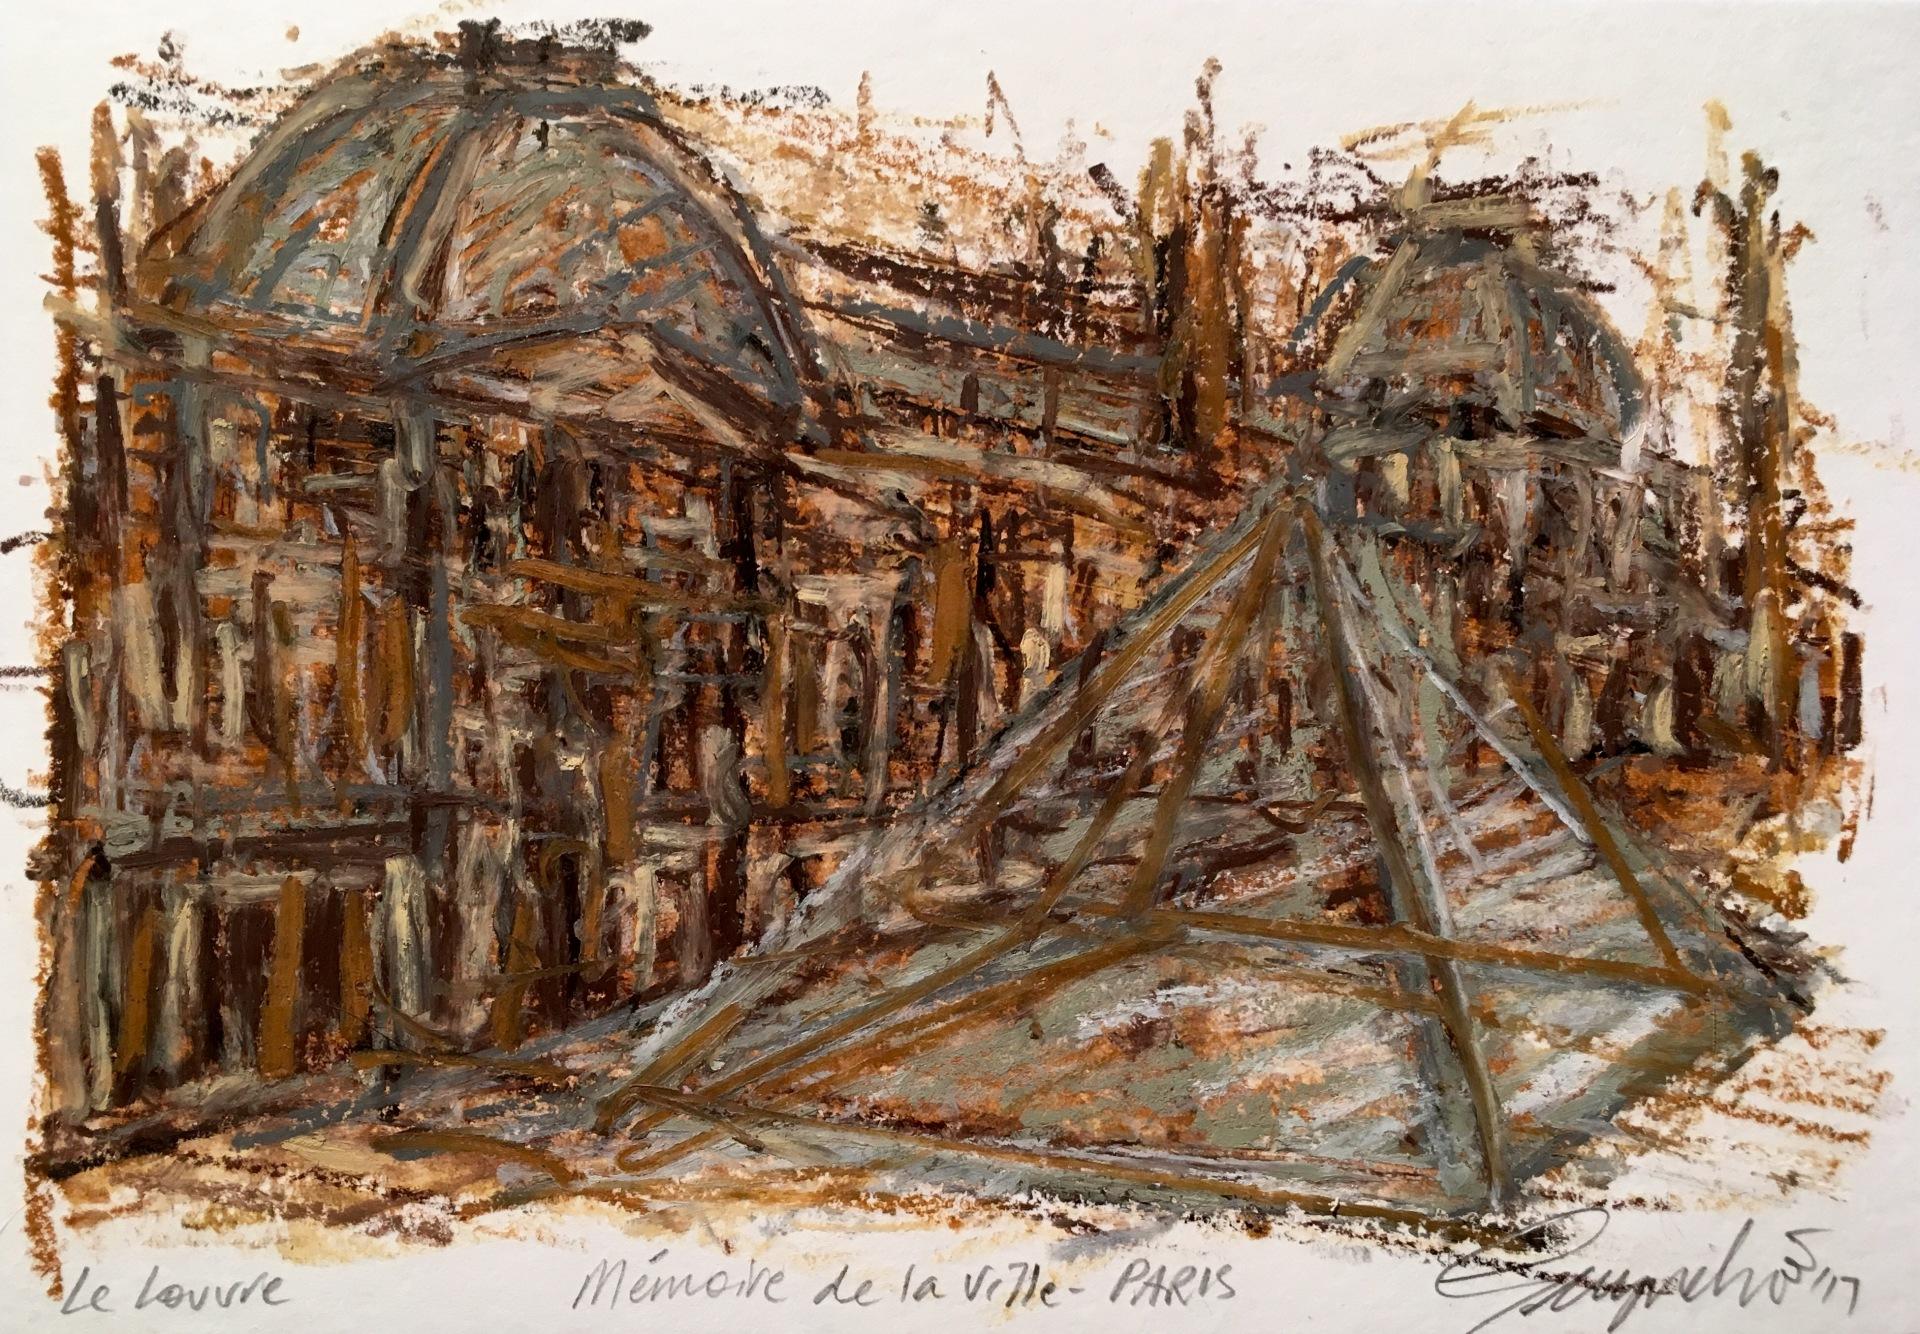 Mémoire de la ville Paris Le Louvre